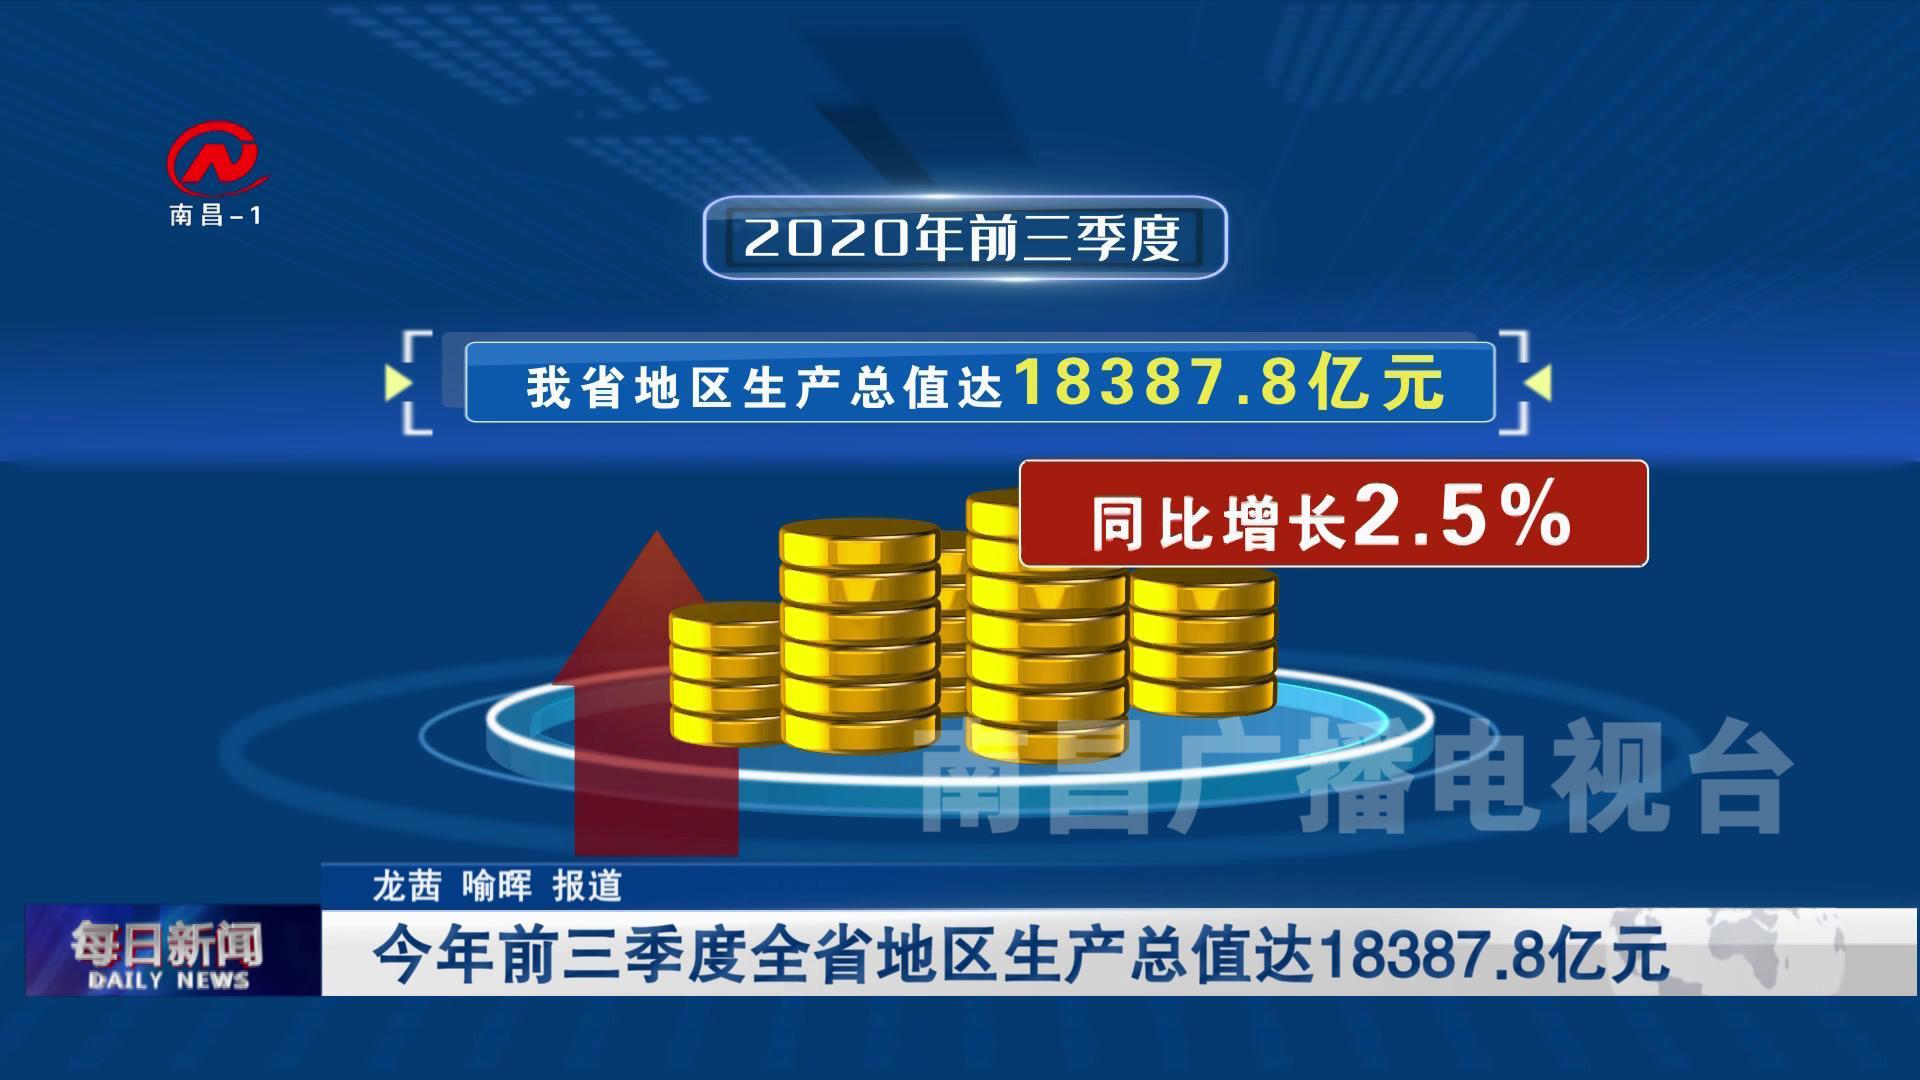 今年前三季度全省地区生产总值达18387.8亿元